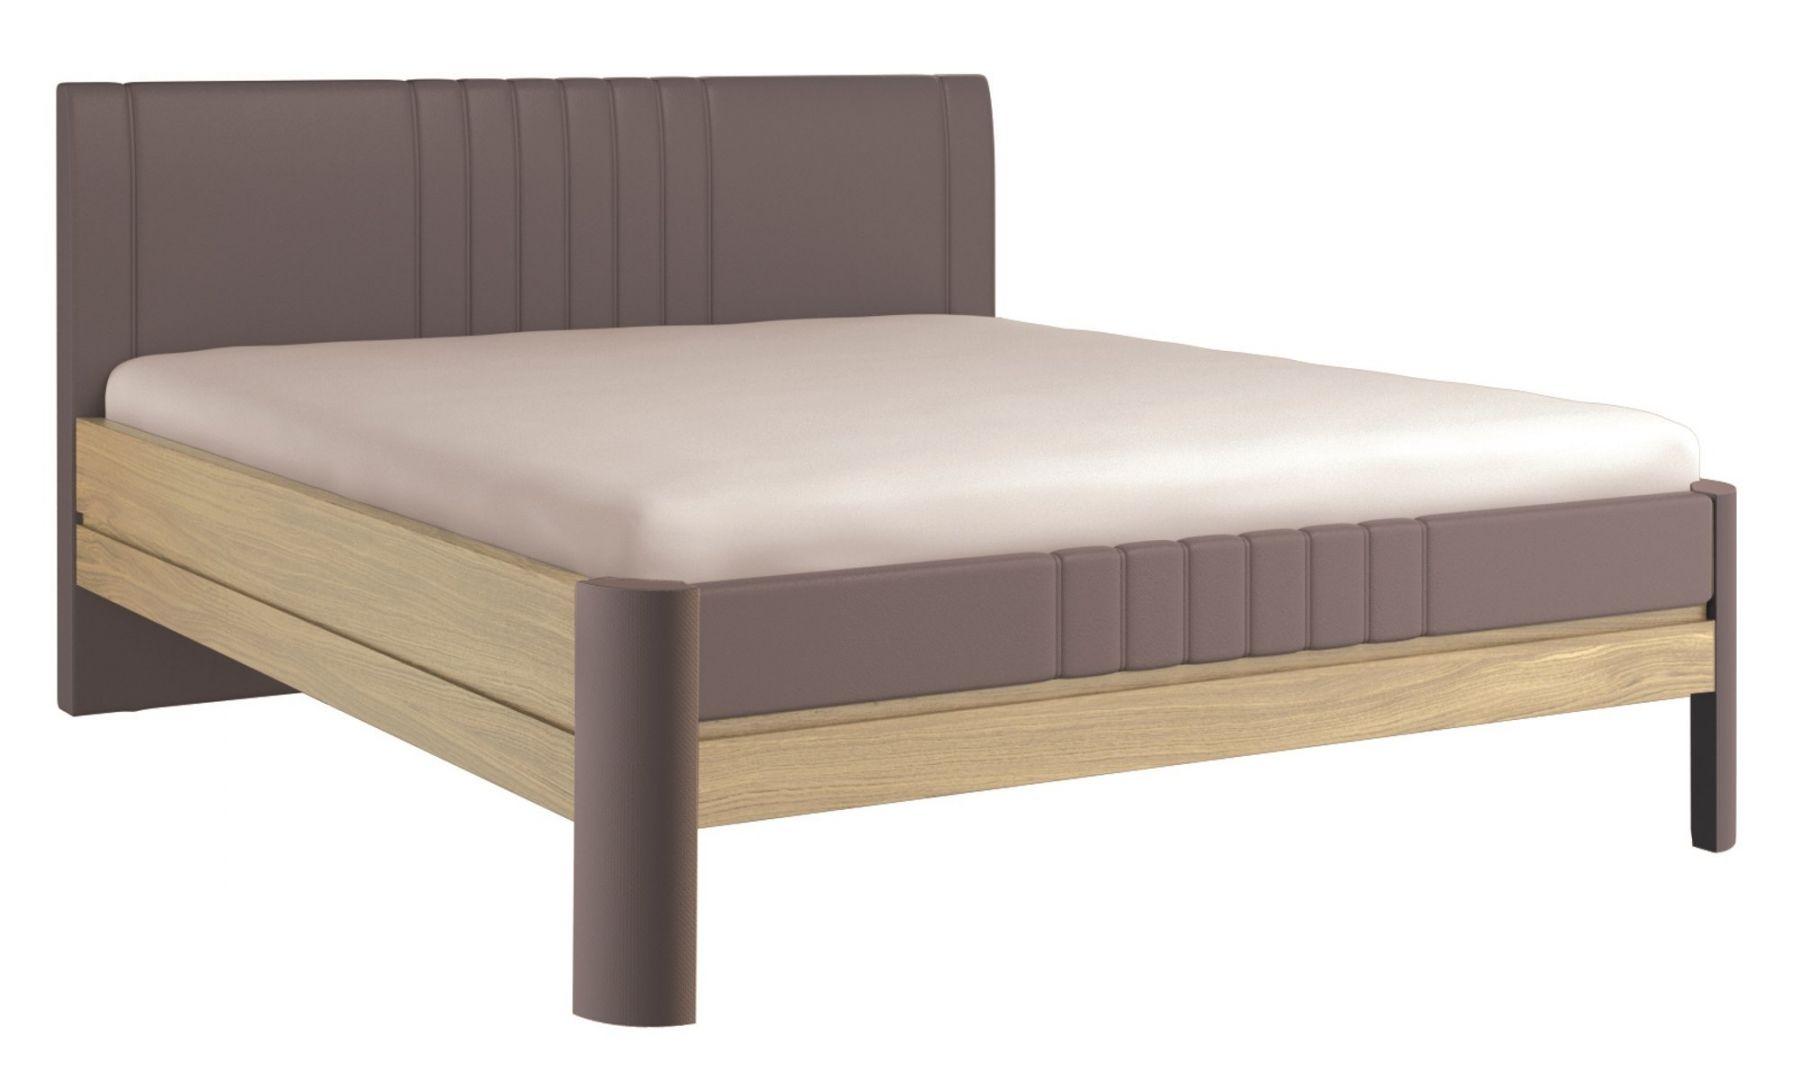 Manželská postel TOSCANA